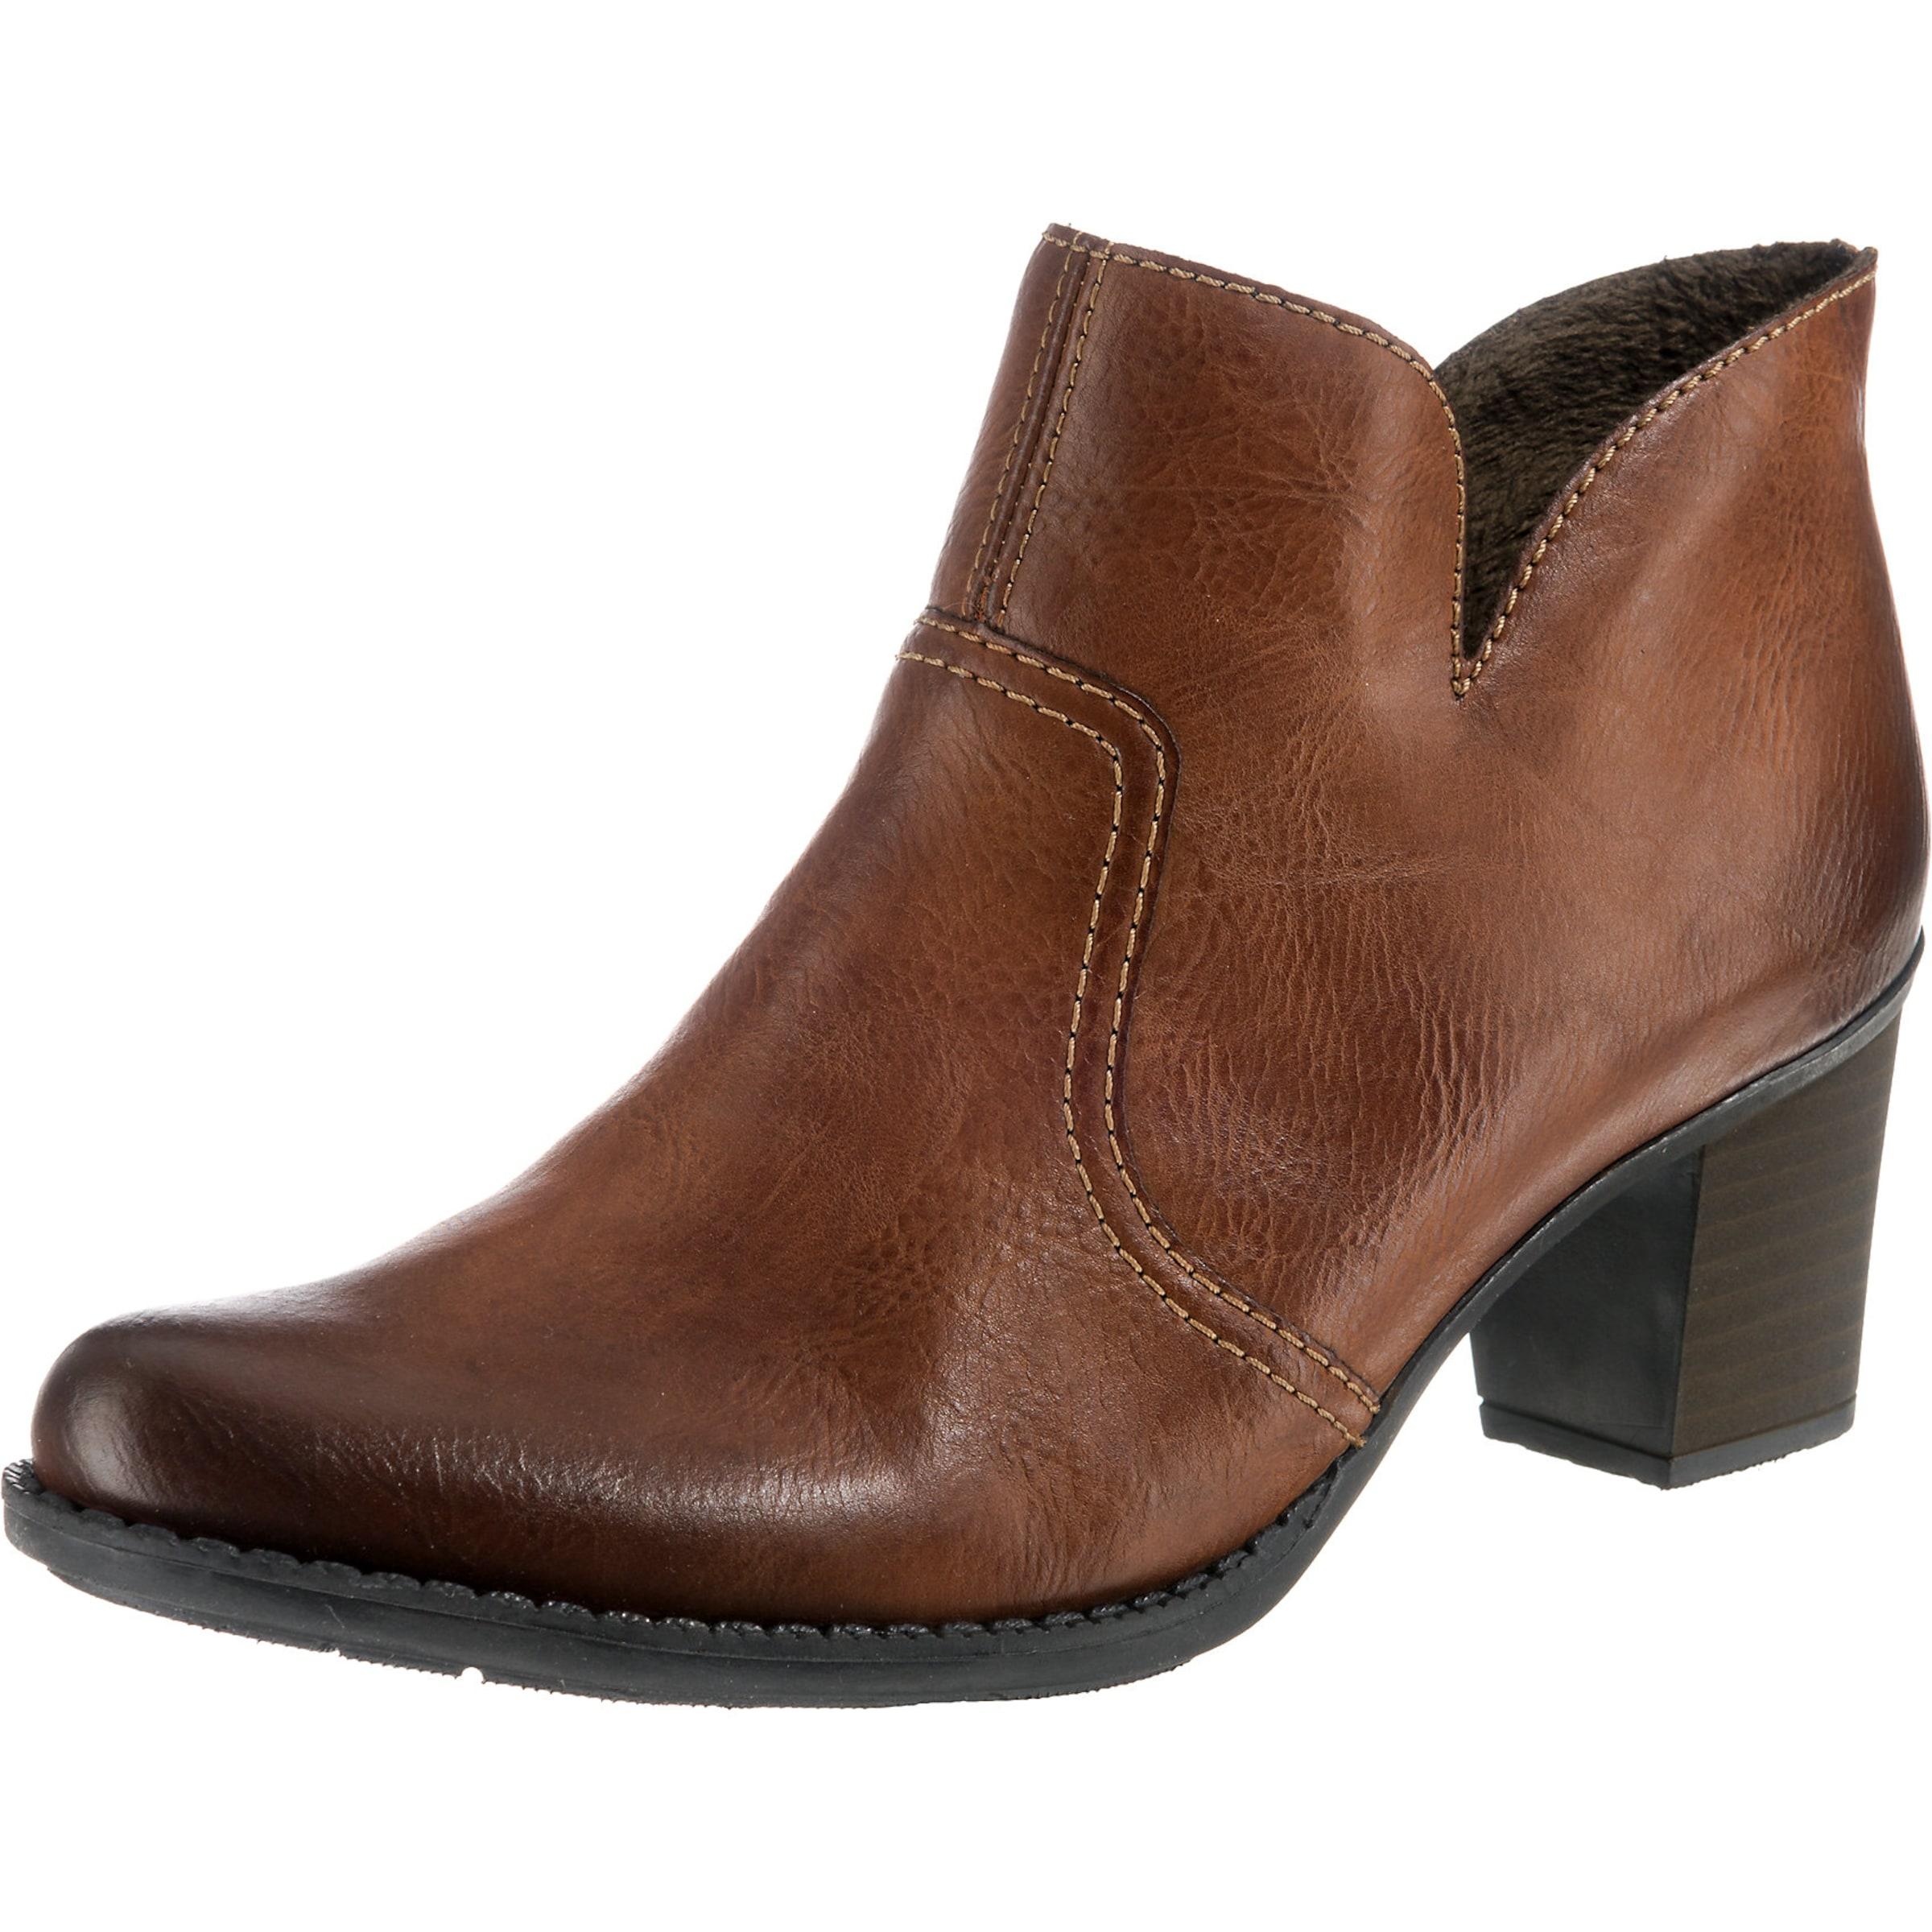 Ankle Rieker Hellbraun Rieker In In boots In Ankle Ankle Rieker boots boots Hellbraun w0XO8nPk